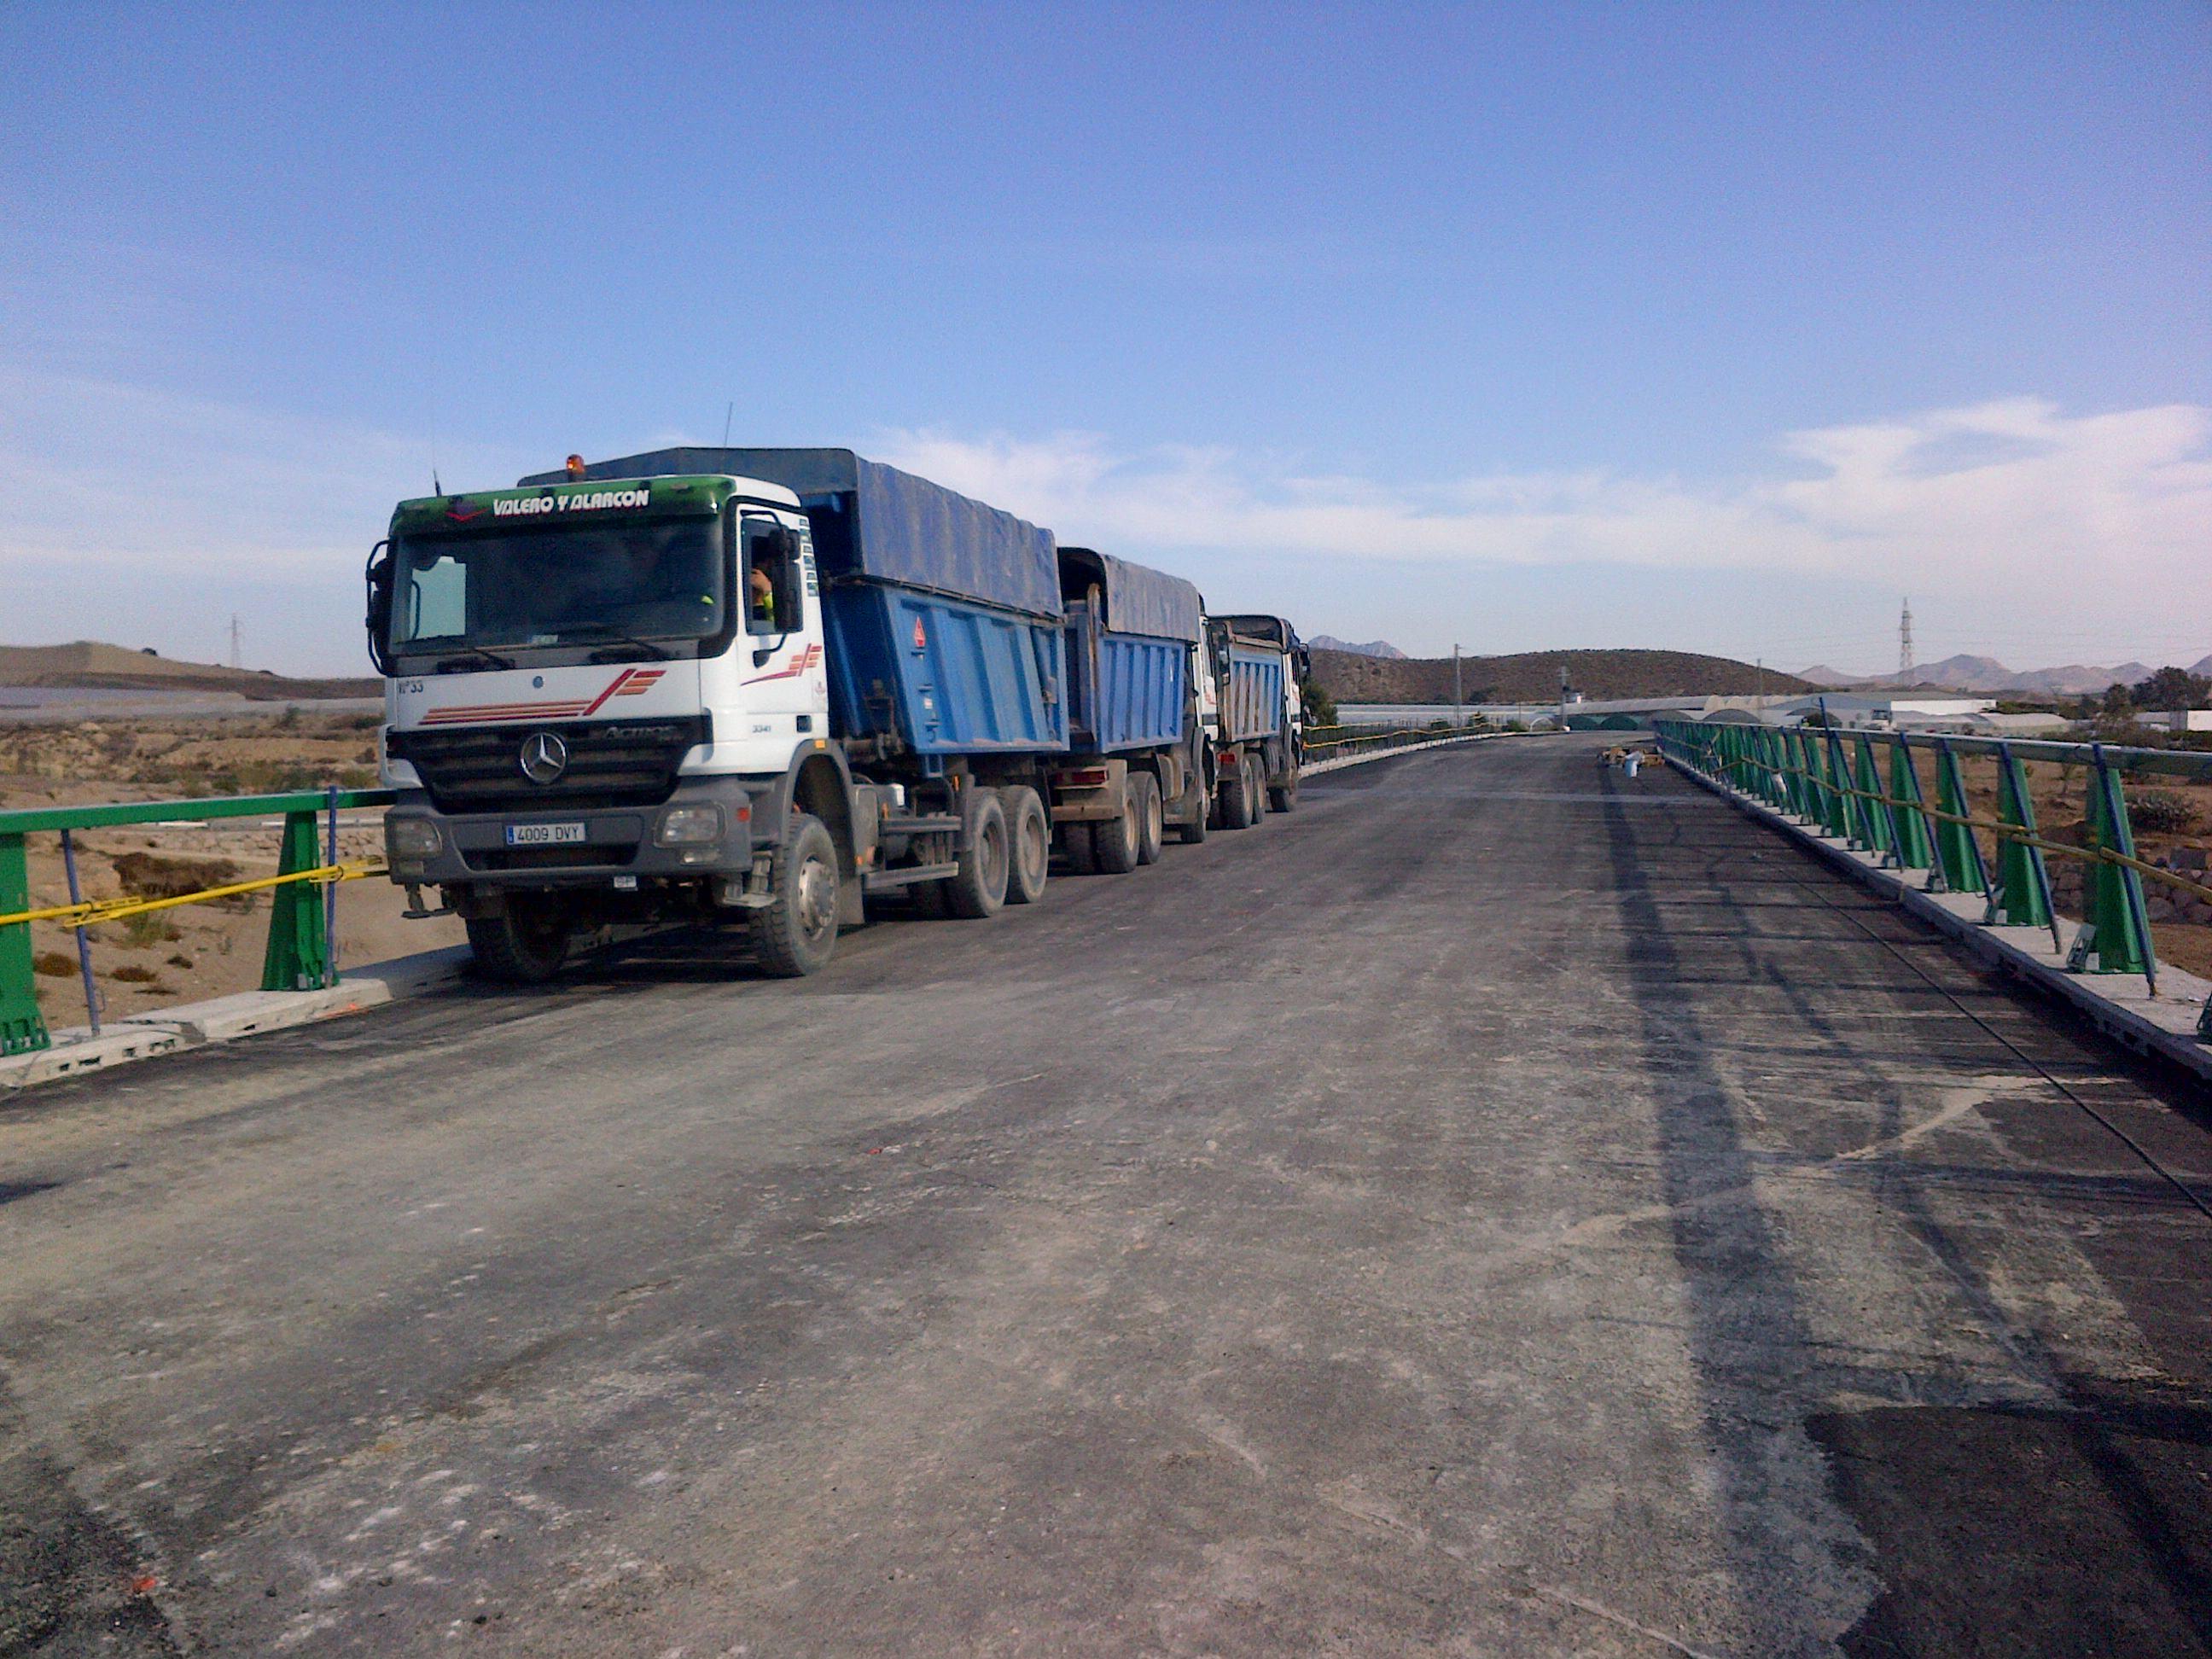 las pruebas de carga consisten en colocar camiones cargados sobre los vanos del puente.